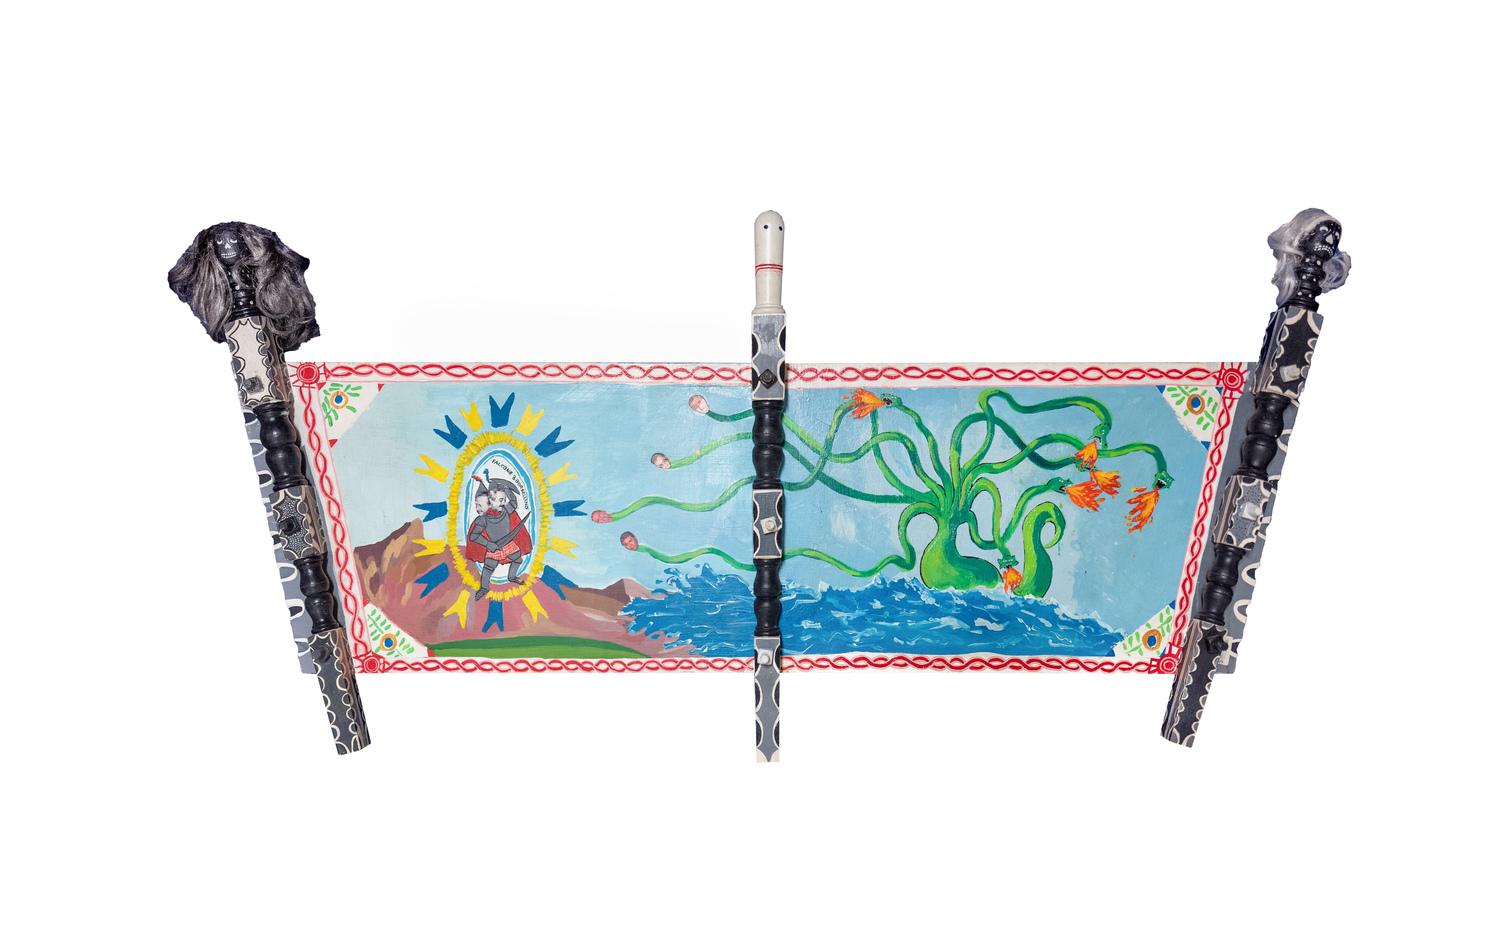 Laboratorio Saccardi, Cosa Mostra, 2010, acrilico su masciddaru (legno), cm 150 x 50, dipinto su 2 lati